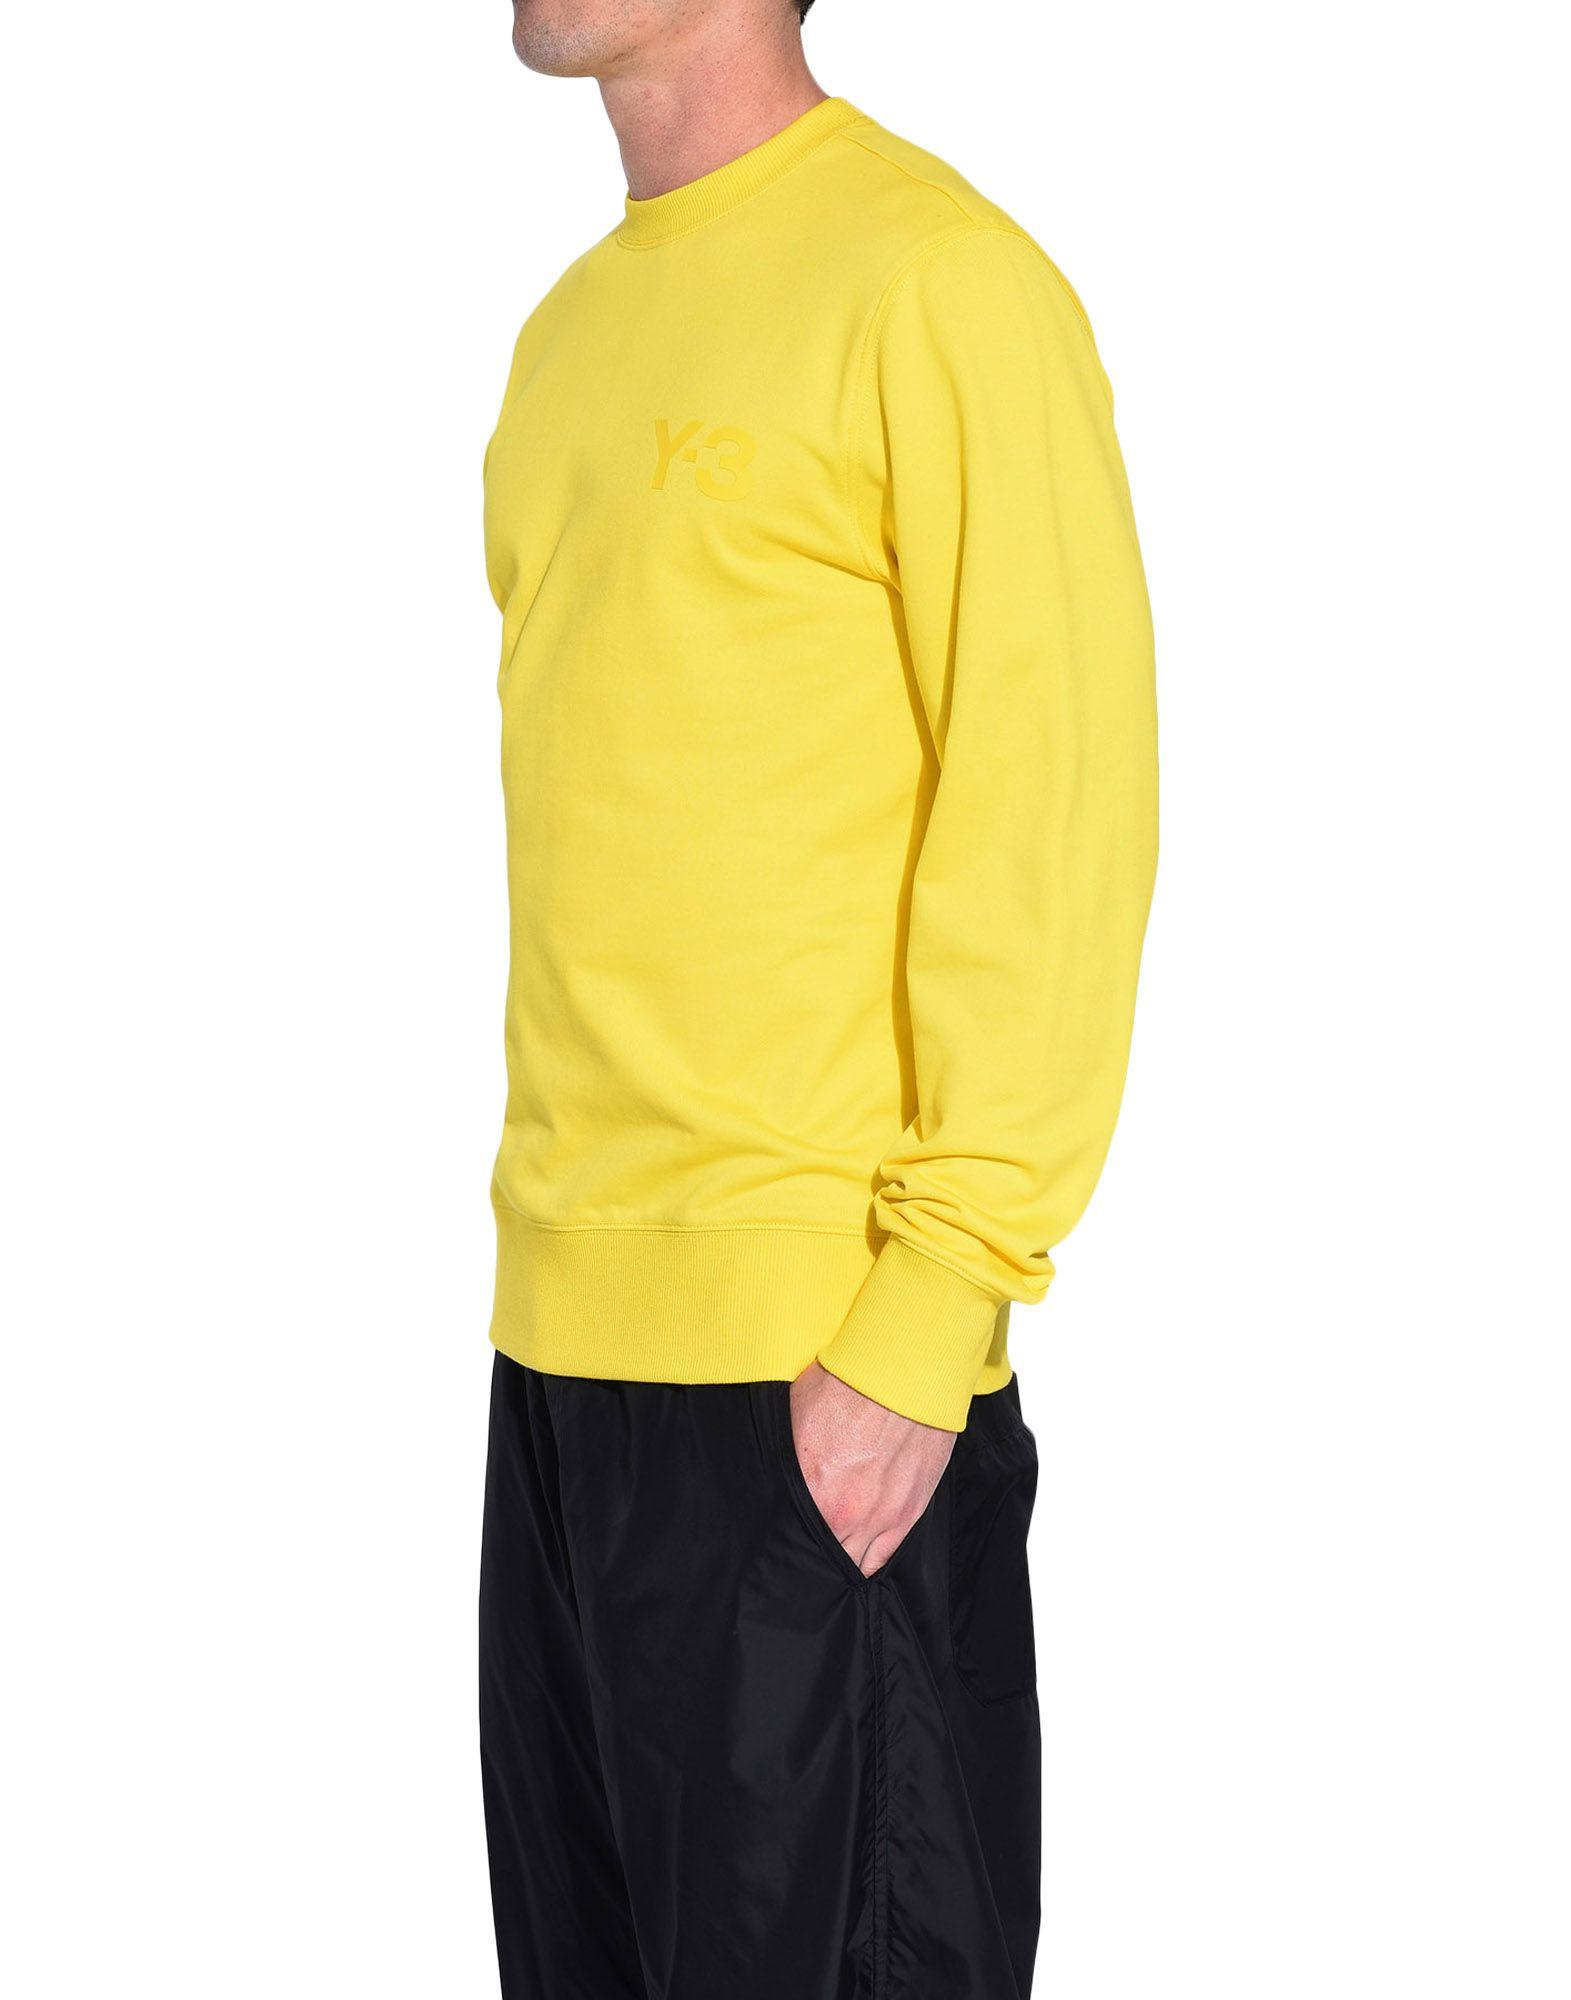 Y-3 Y-3 Classic Sweater スウェット メンズ e